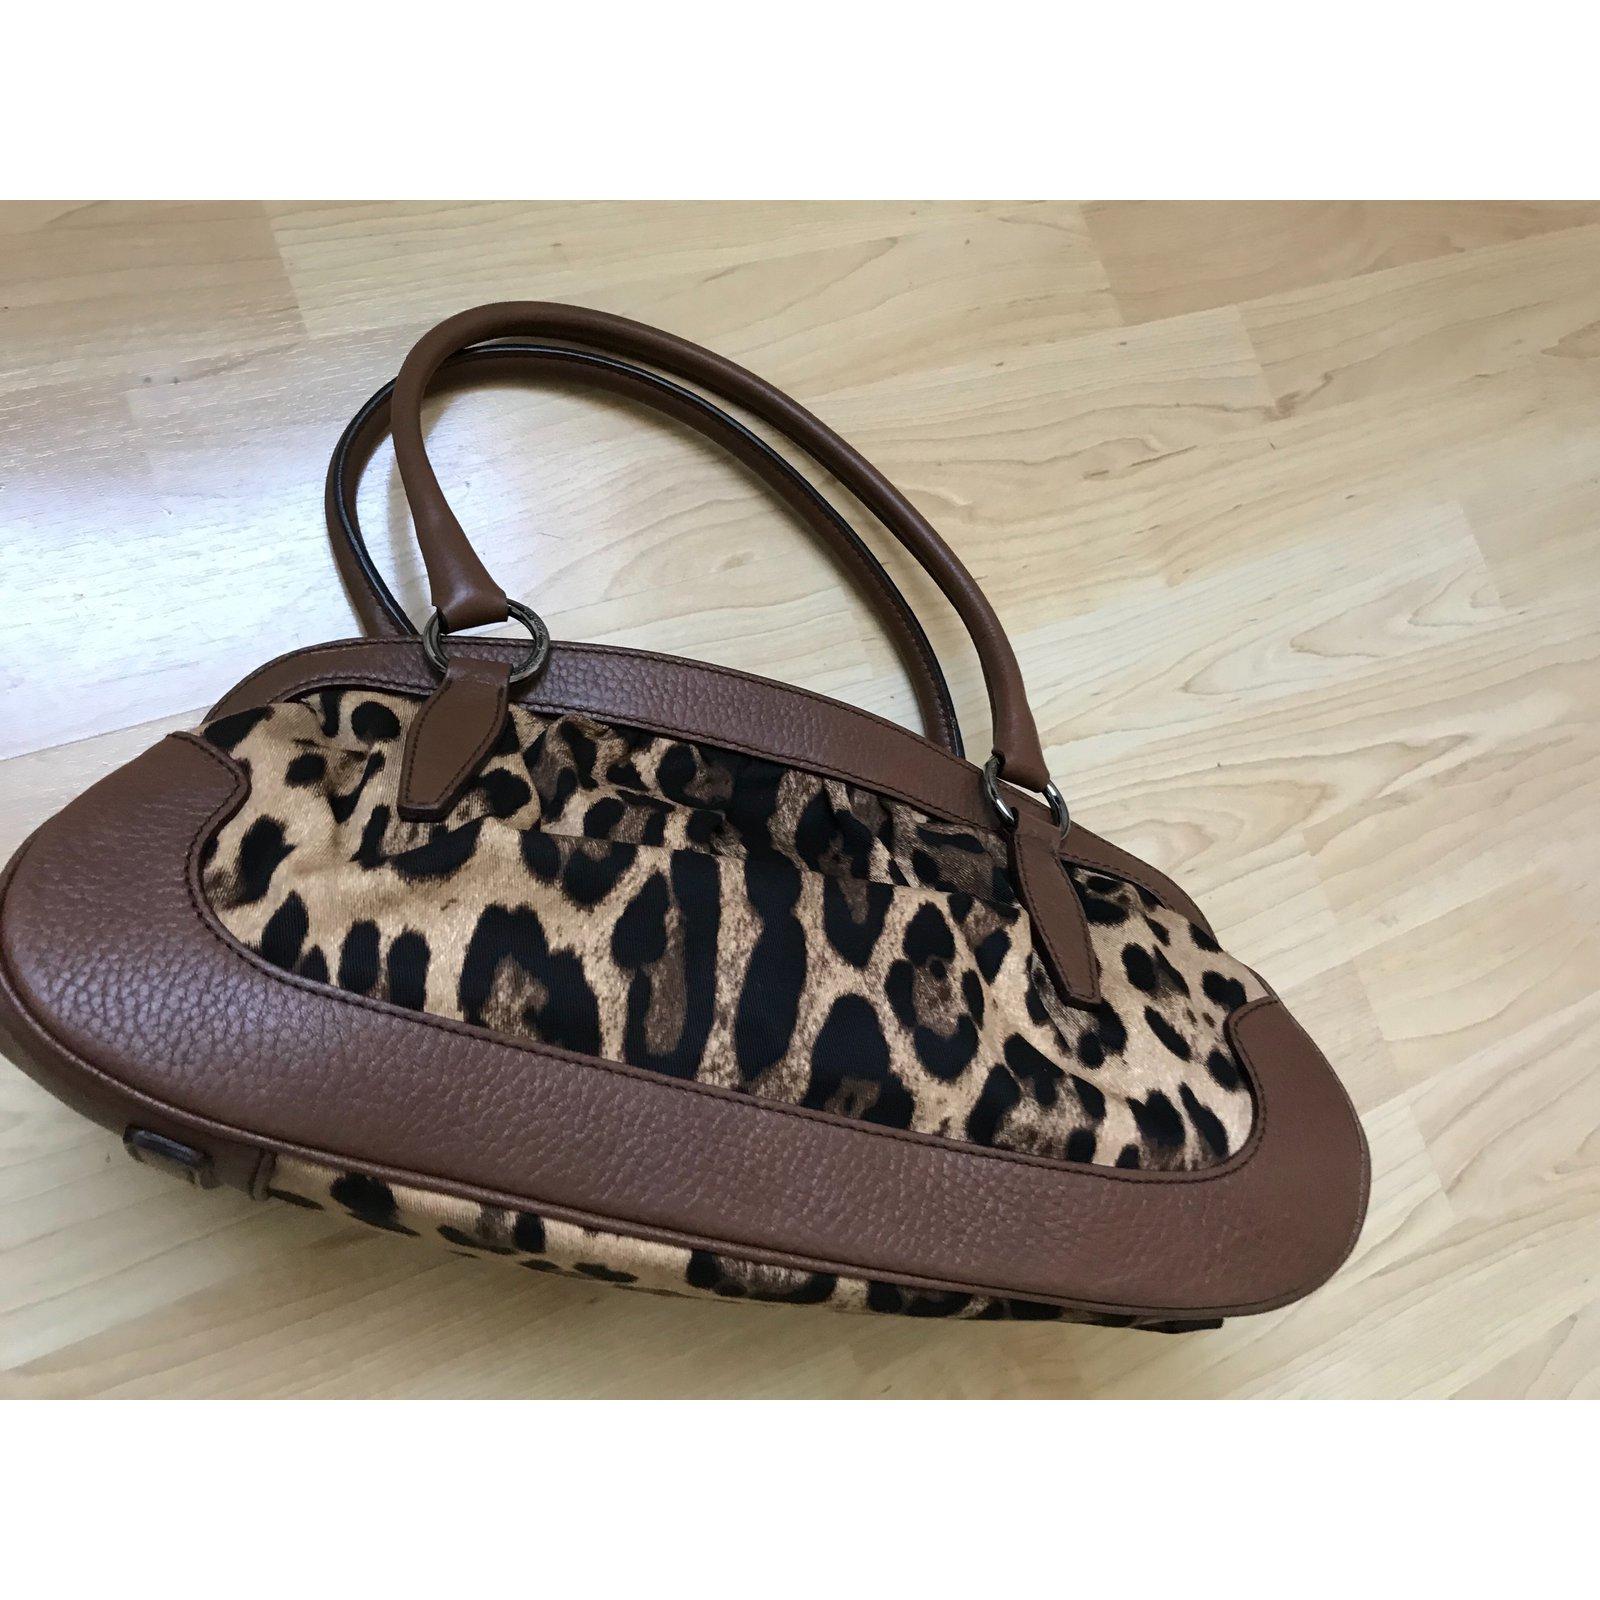 Sacs à main Dolce   Gabbana Sacs à main Autre Imprimé léopard ref.50018 - Joli  Closet 3e35a04937d58